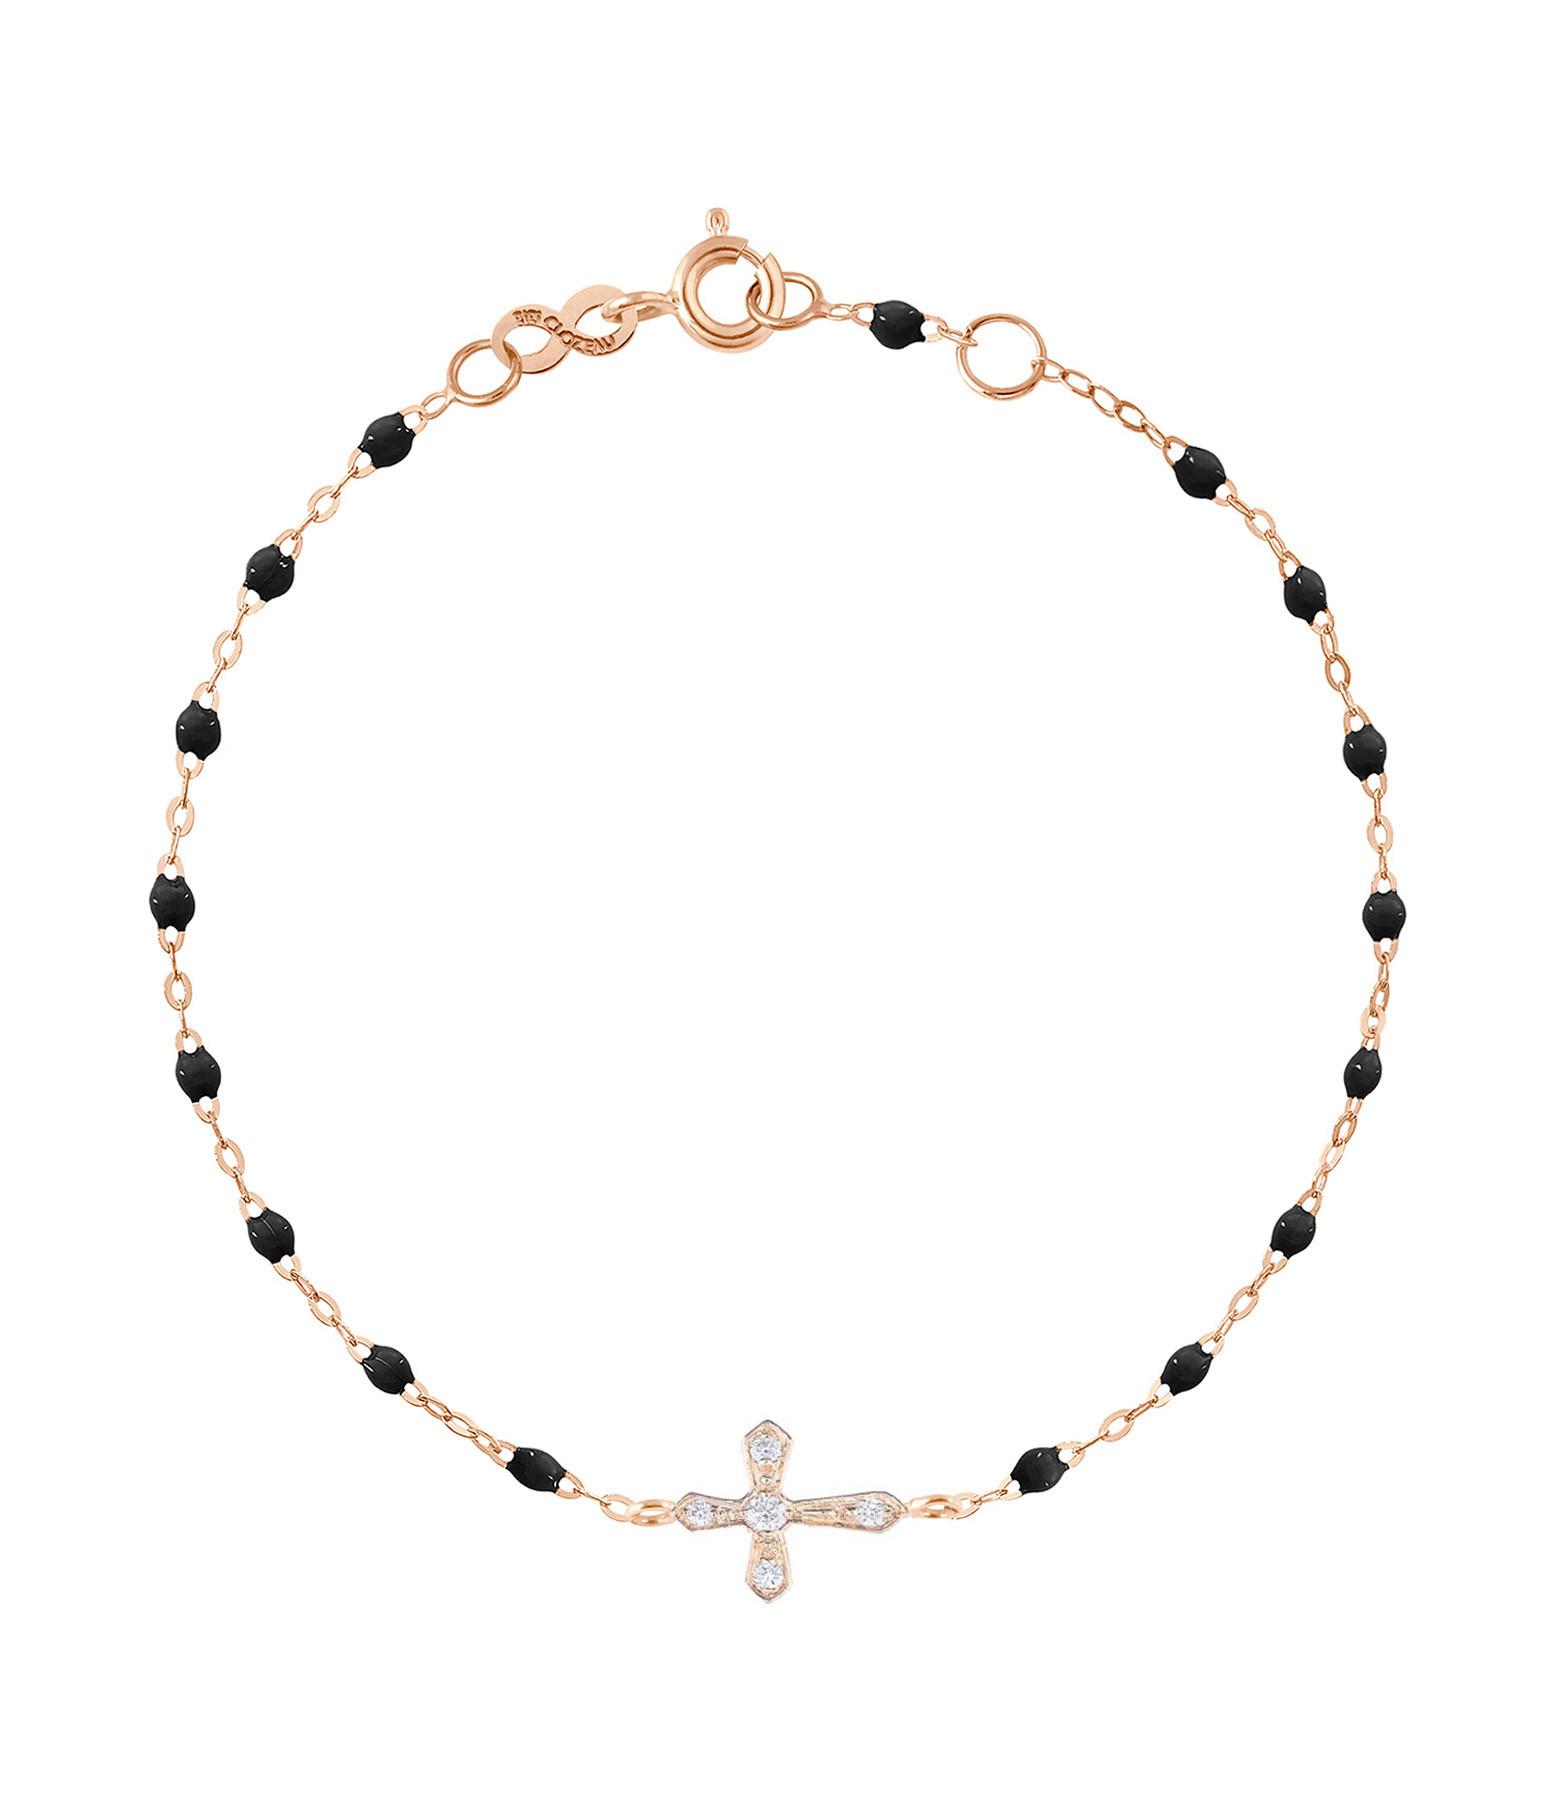 GIGI CLOZEAU - Bracelet Résine Croix Vintage Diamants Or rose